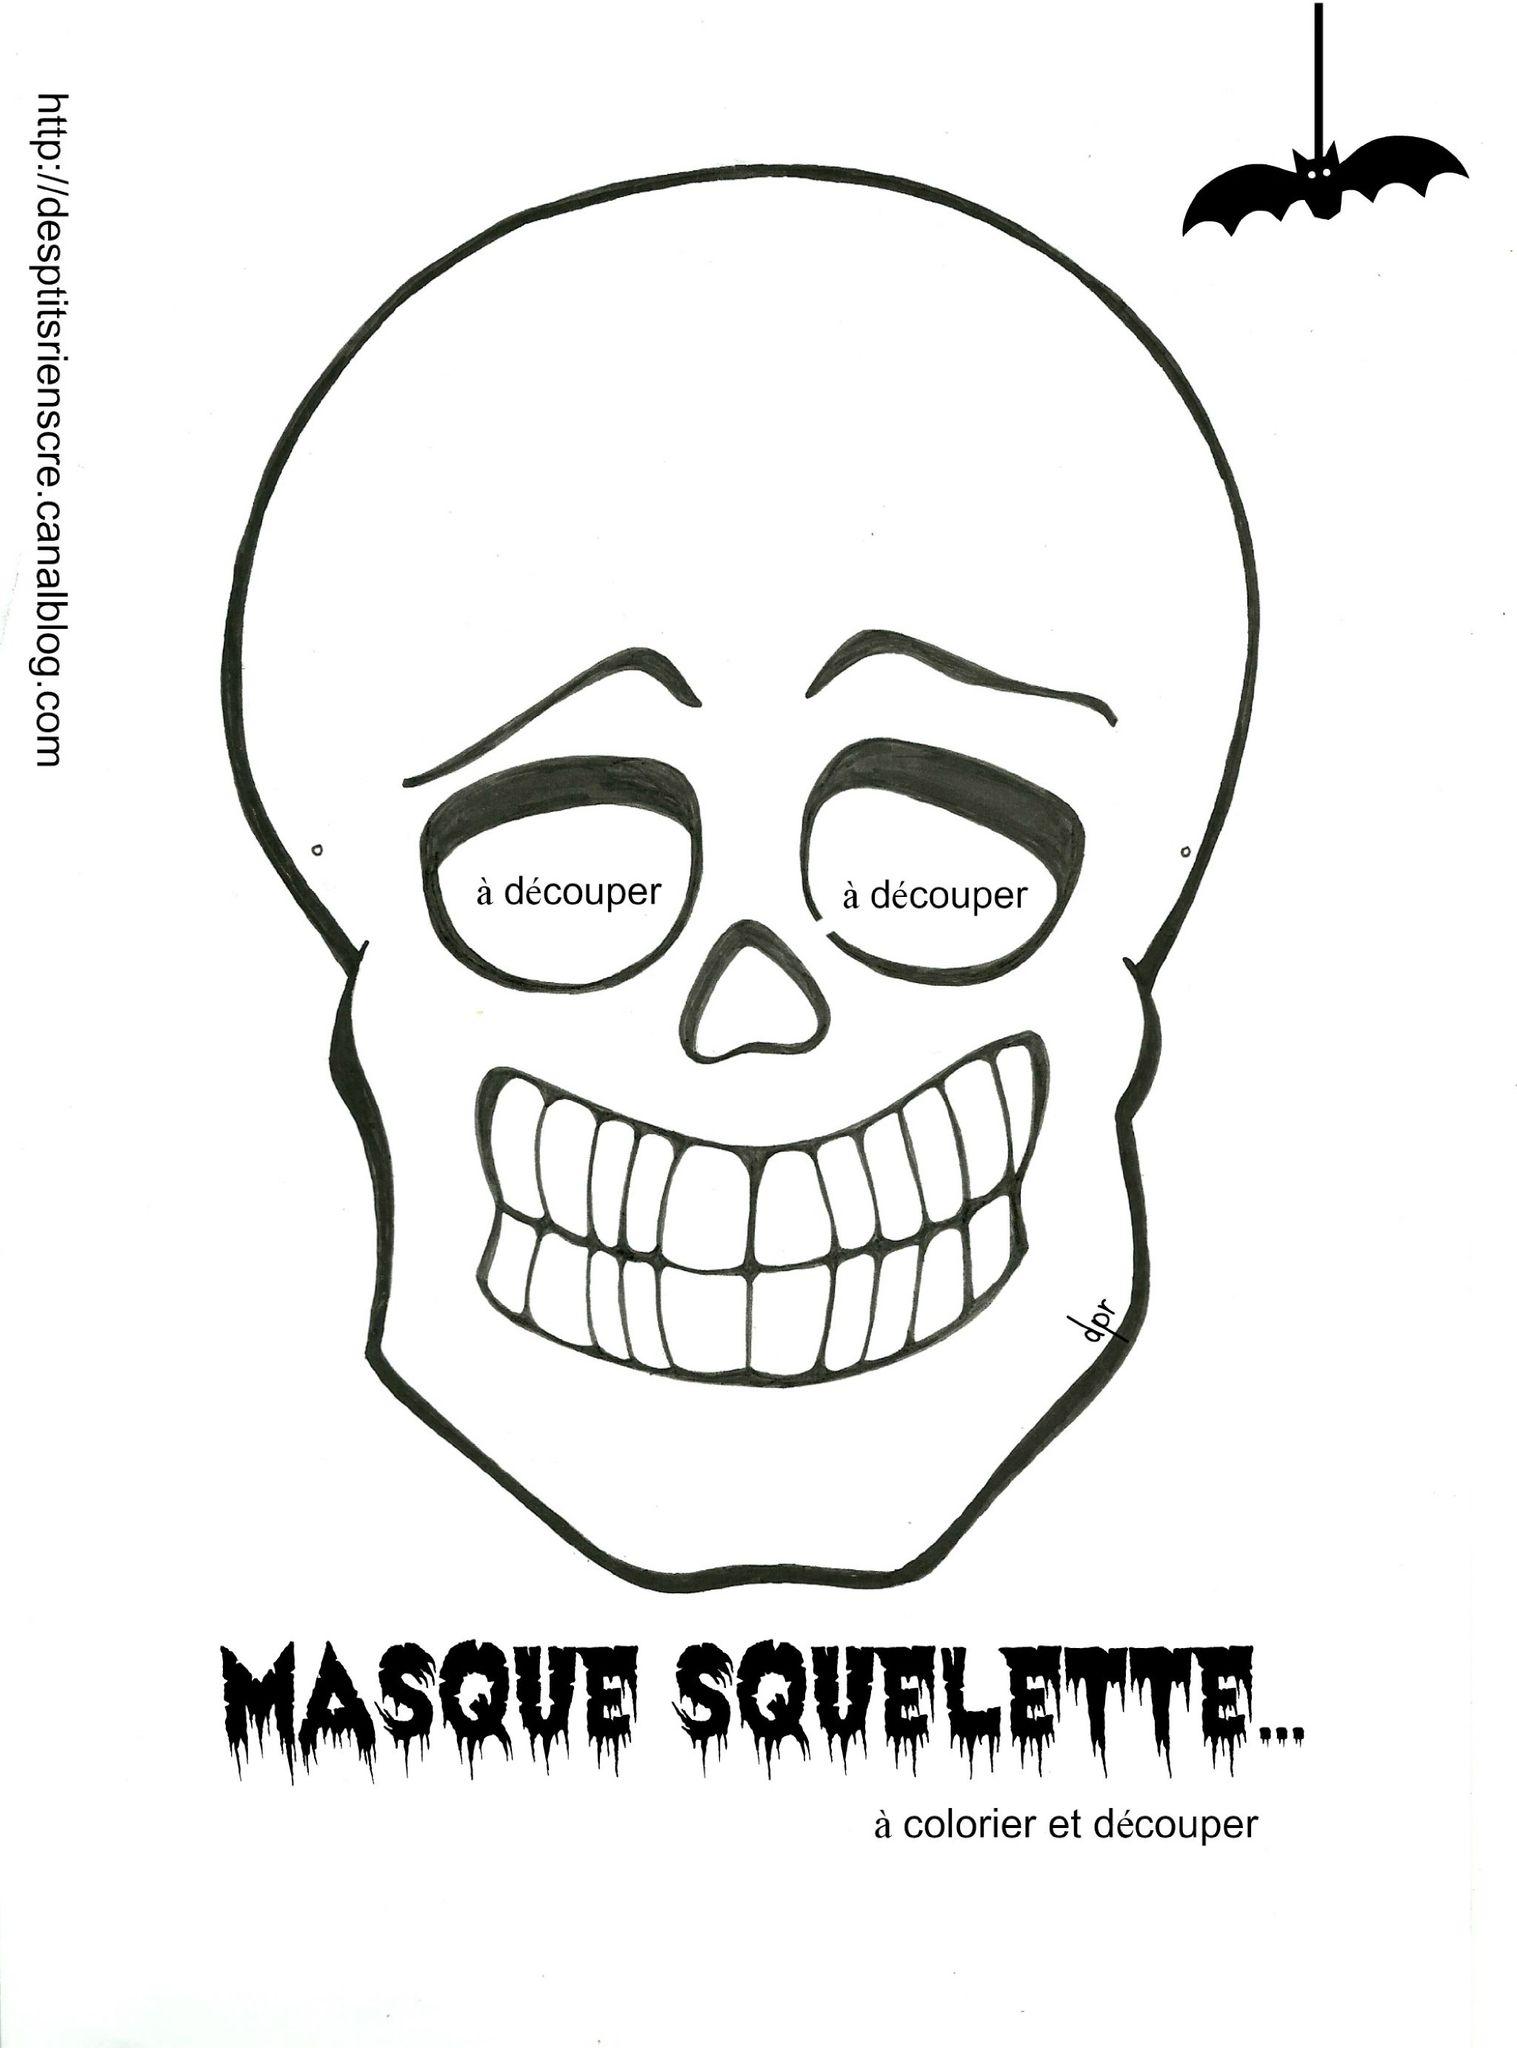 Pour vos p 39 tites crapules coloriage imprimer des p 39 tits riens - Coloriage squelette halloween ...